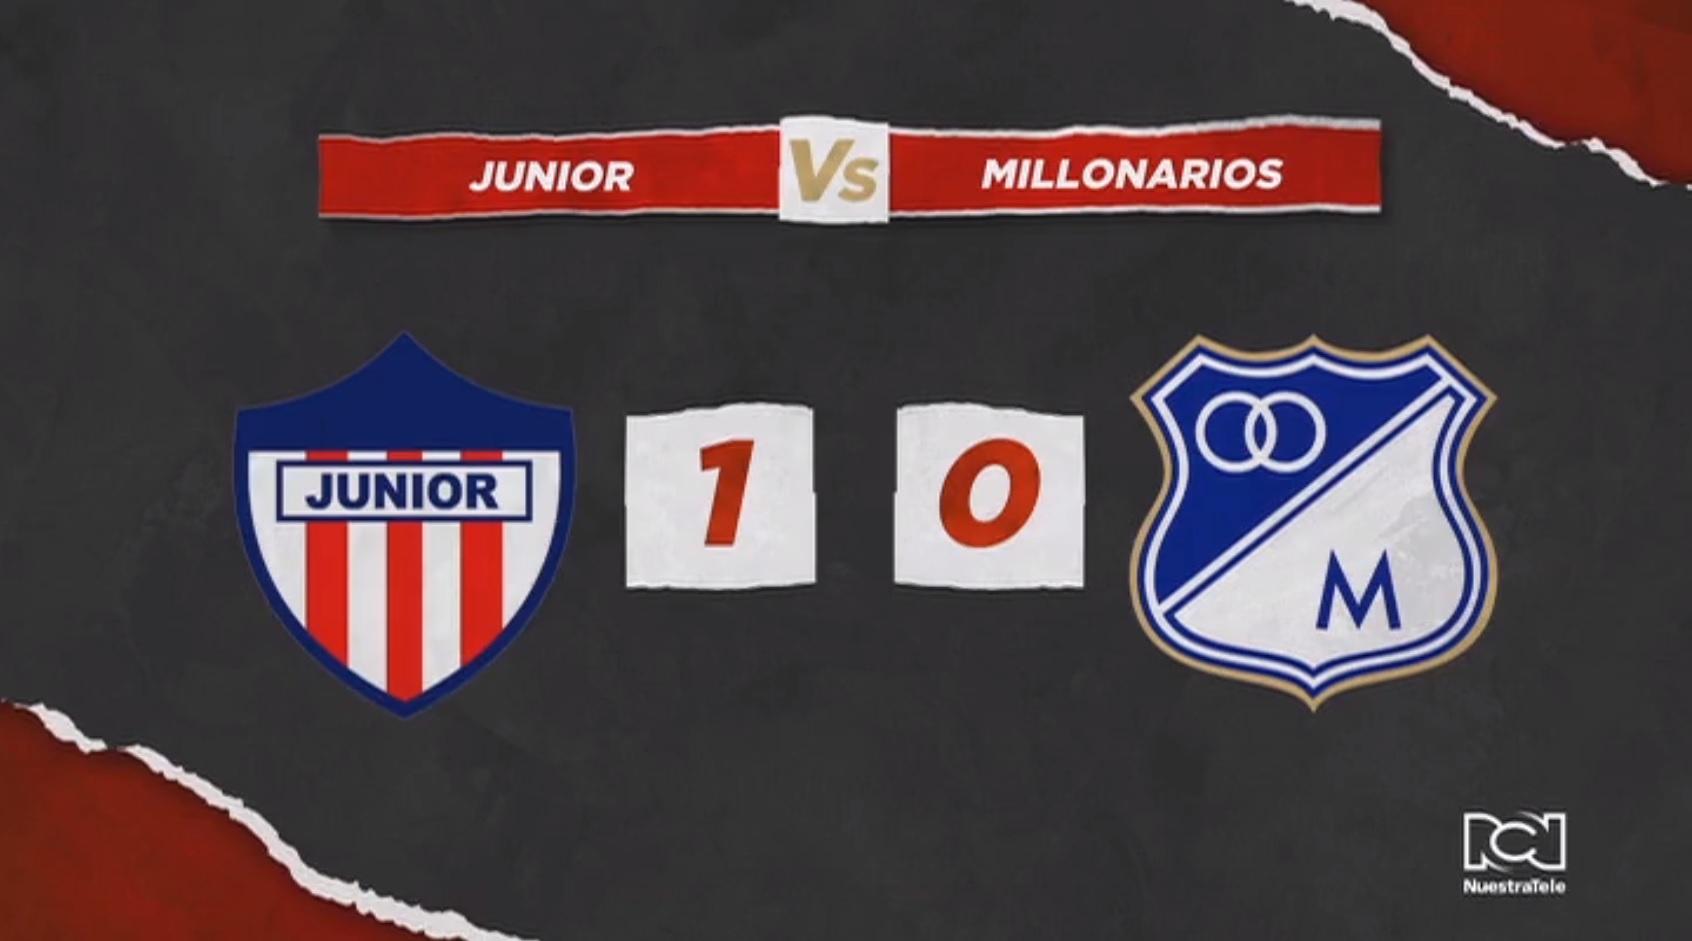 Atlético Junior derrotó a Millonarios por la mínima diferencia y sueña con el tricampeonato